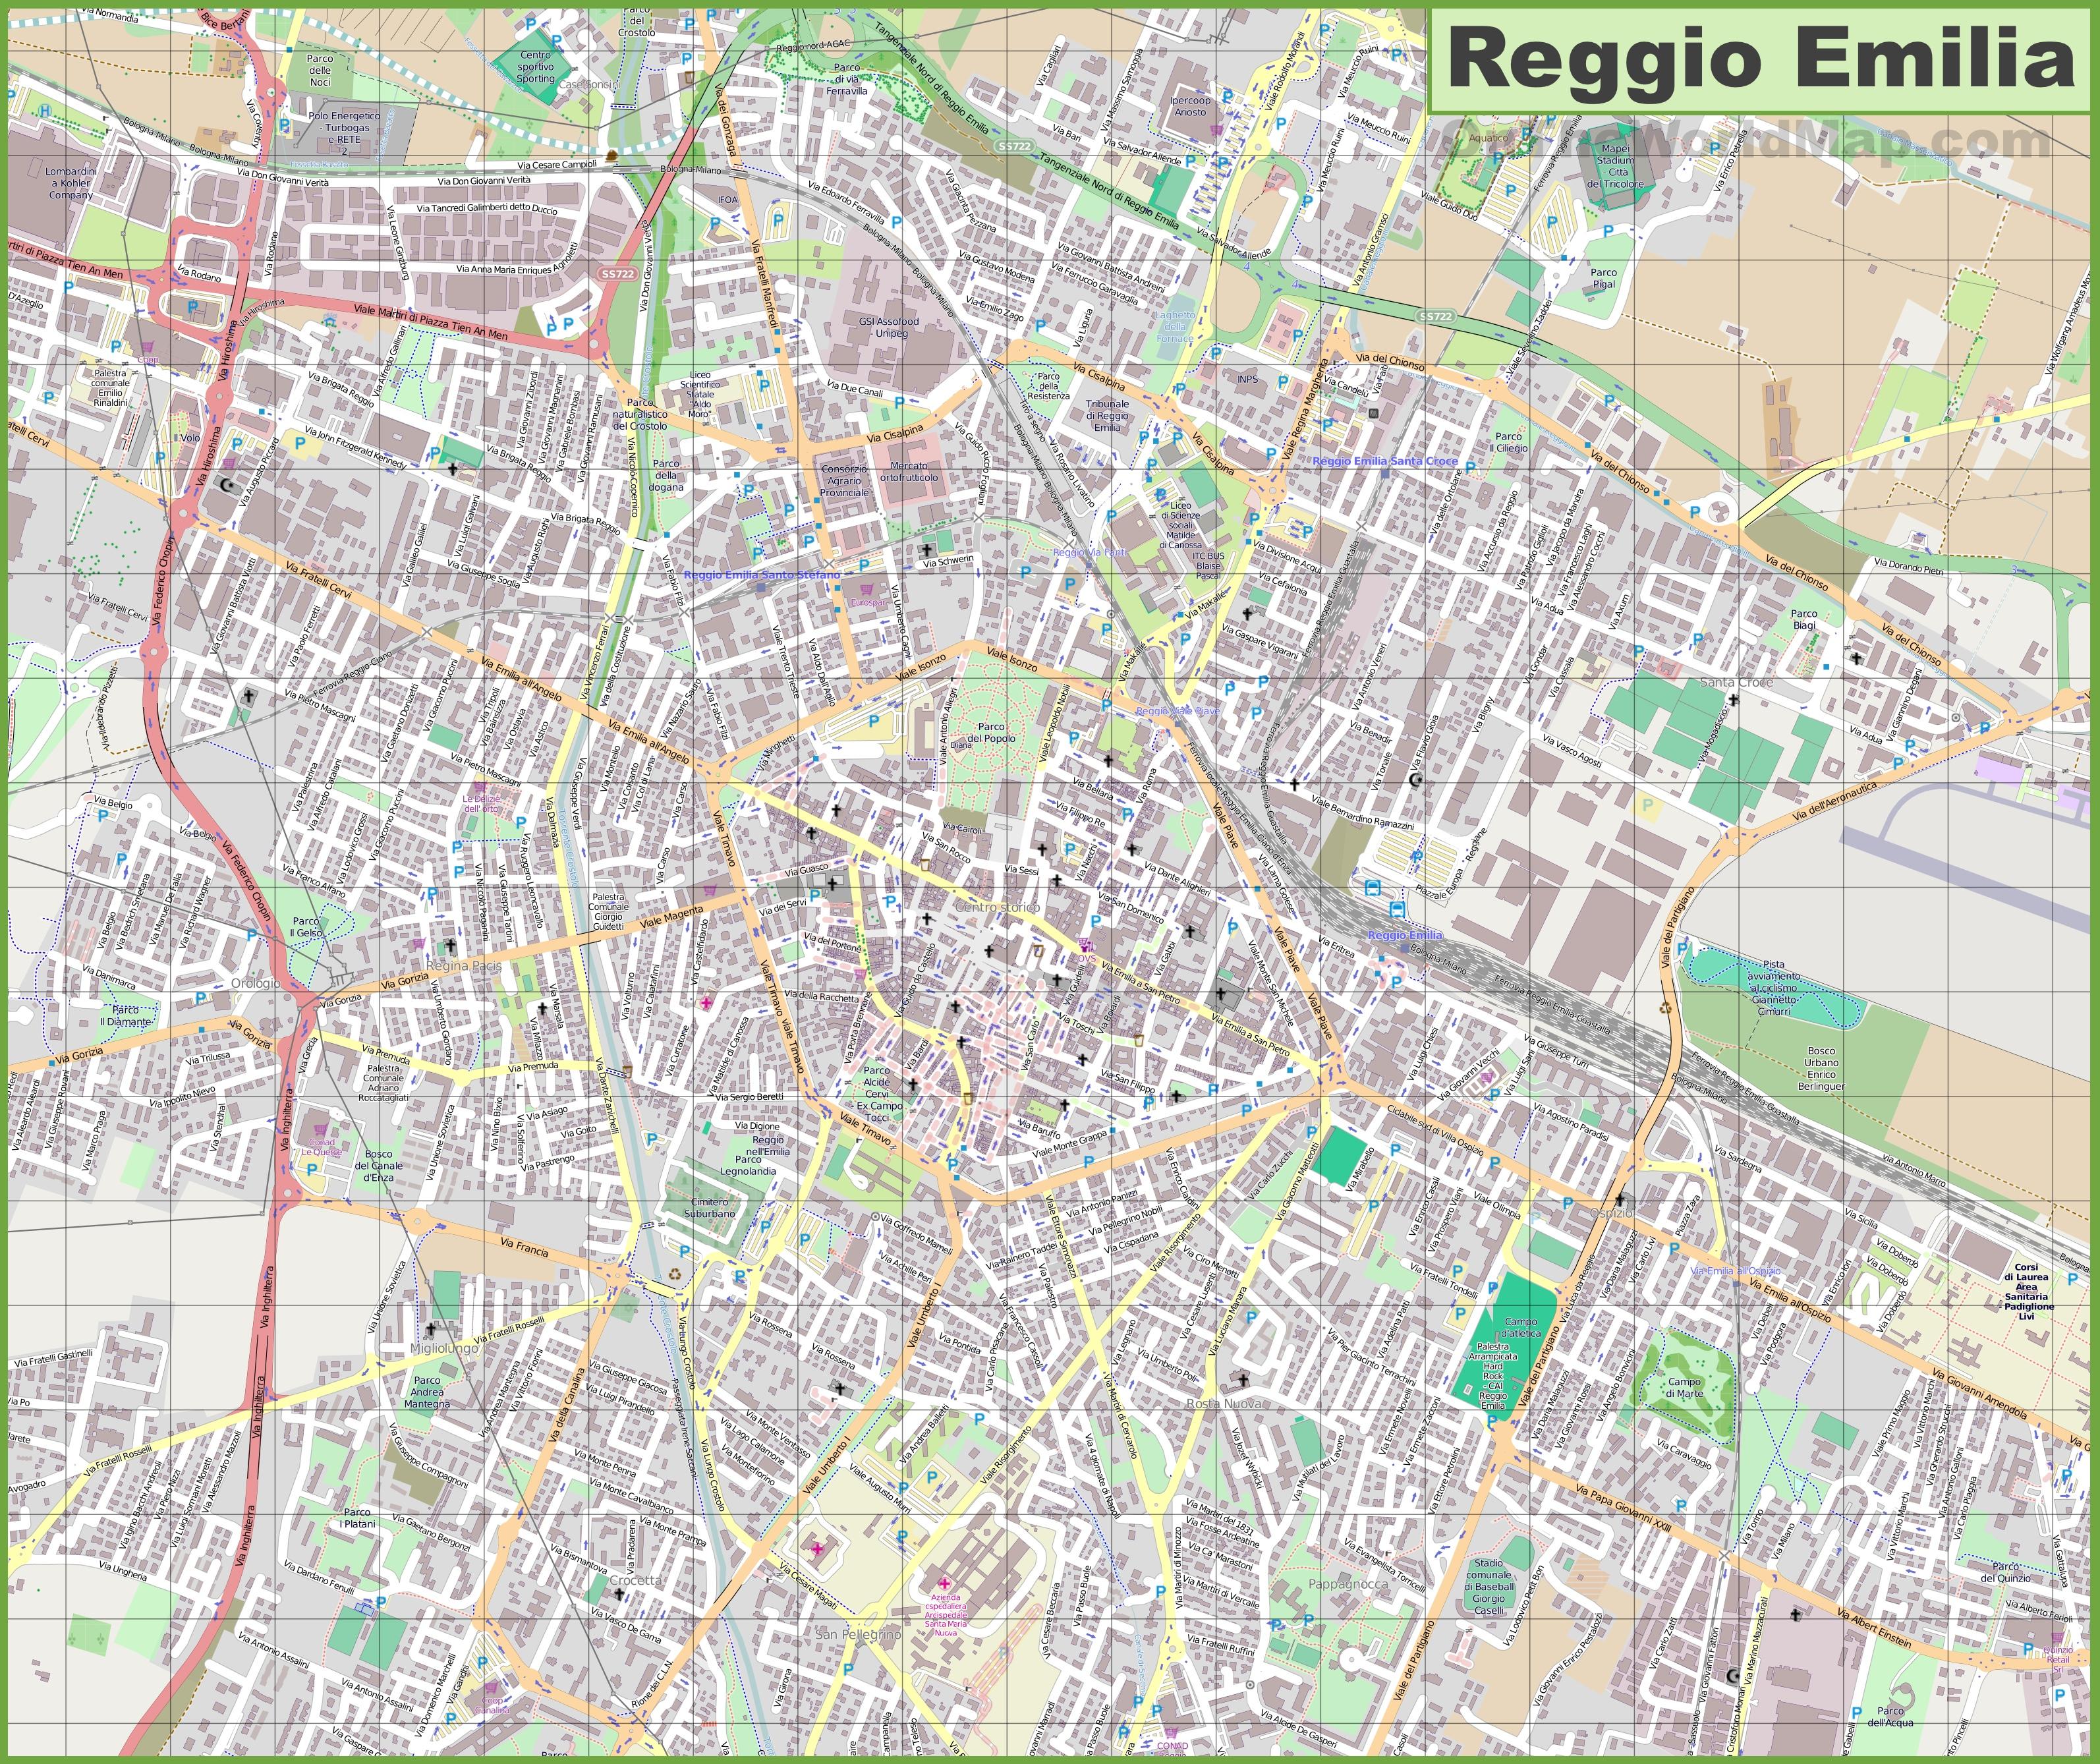 Reggio Emilia Maps Italy Maps of Reggio Emilia